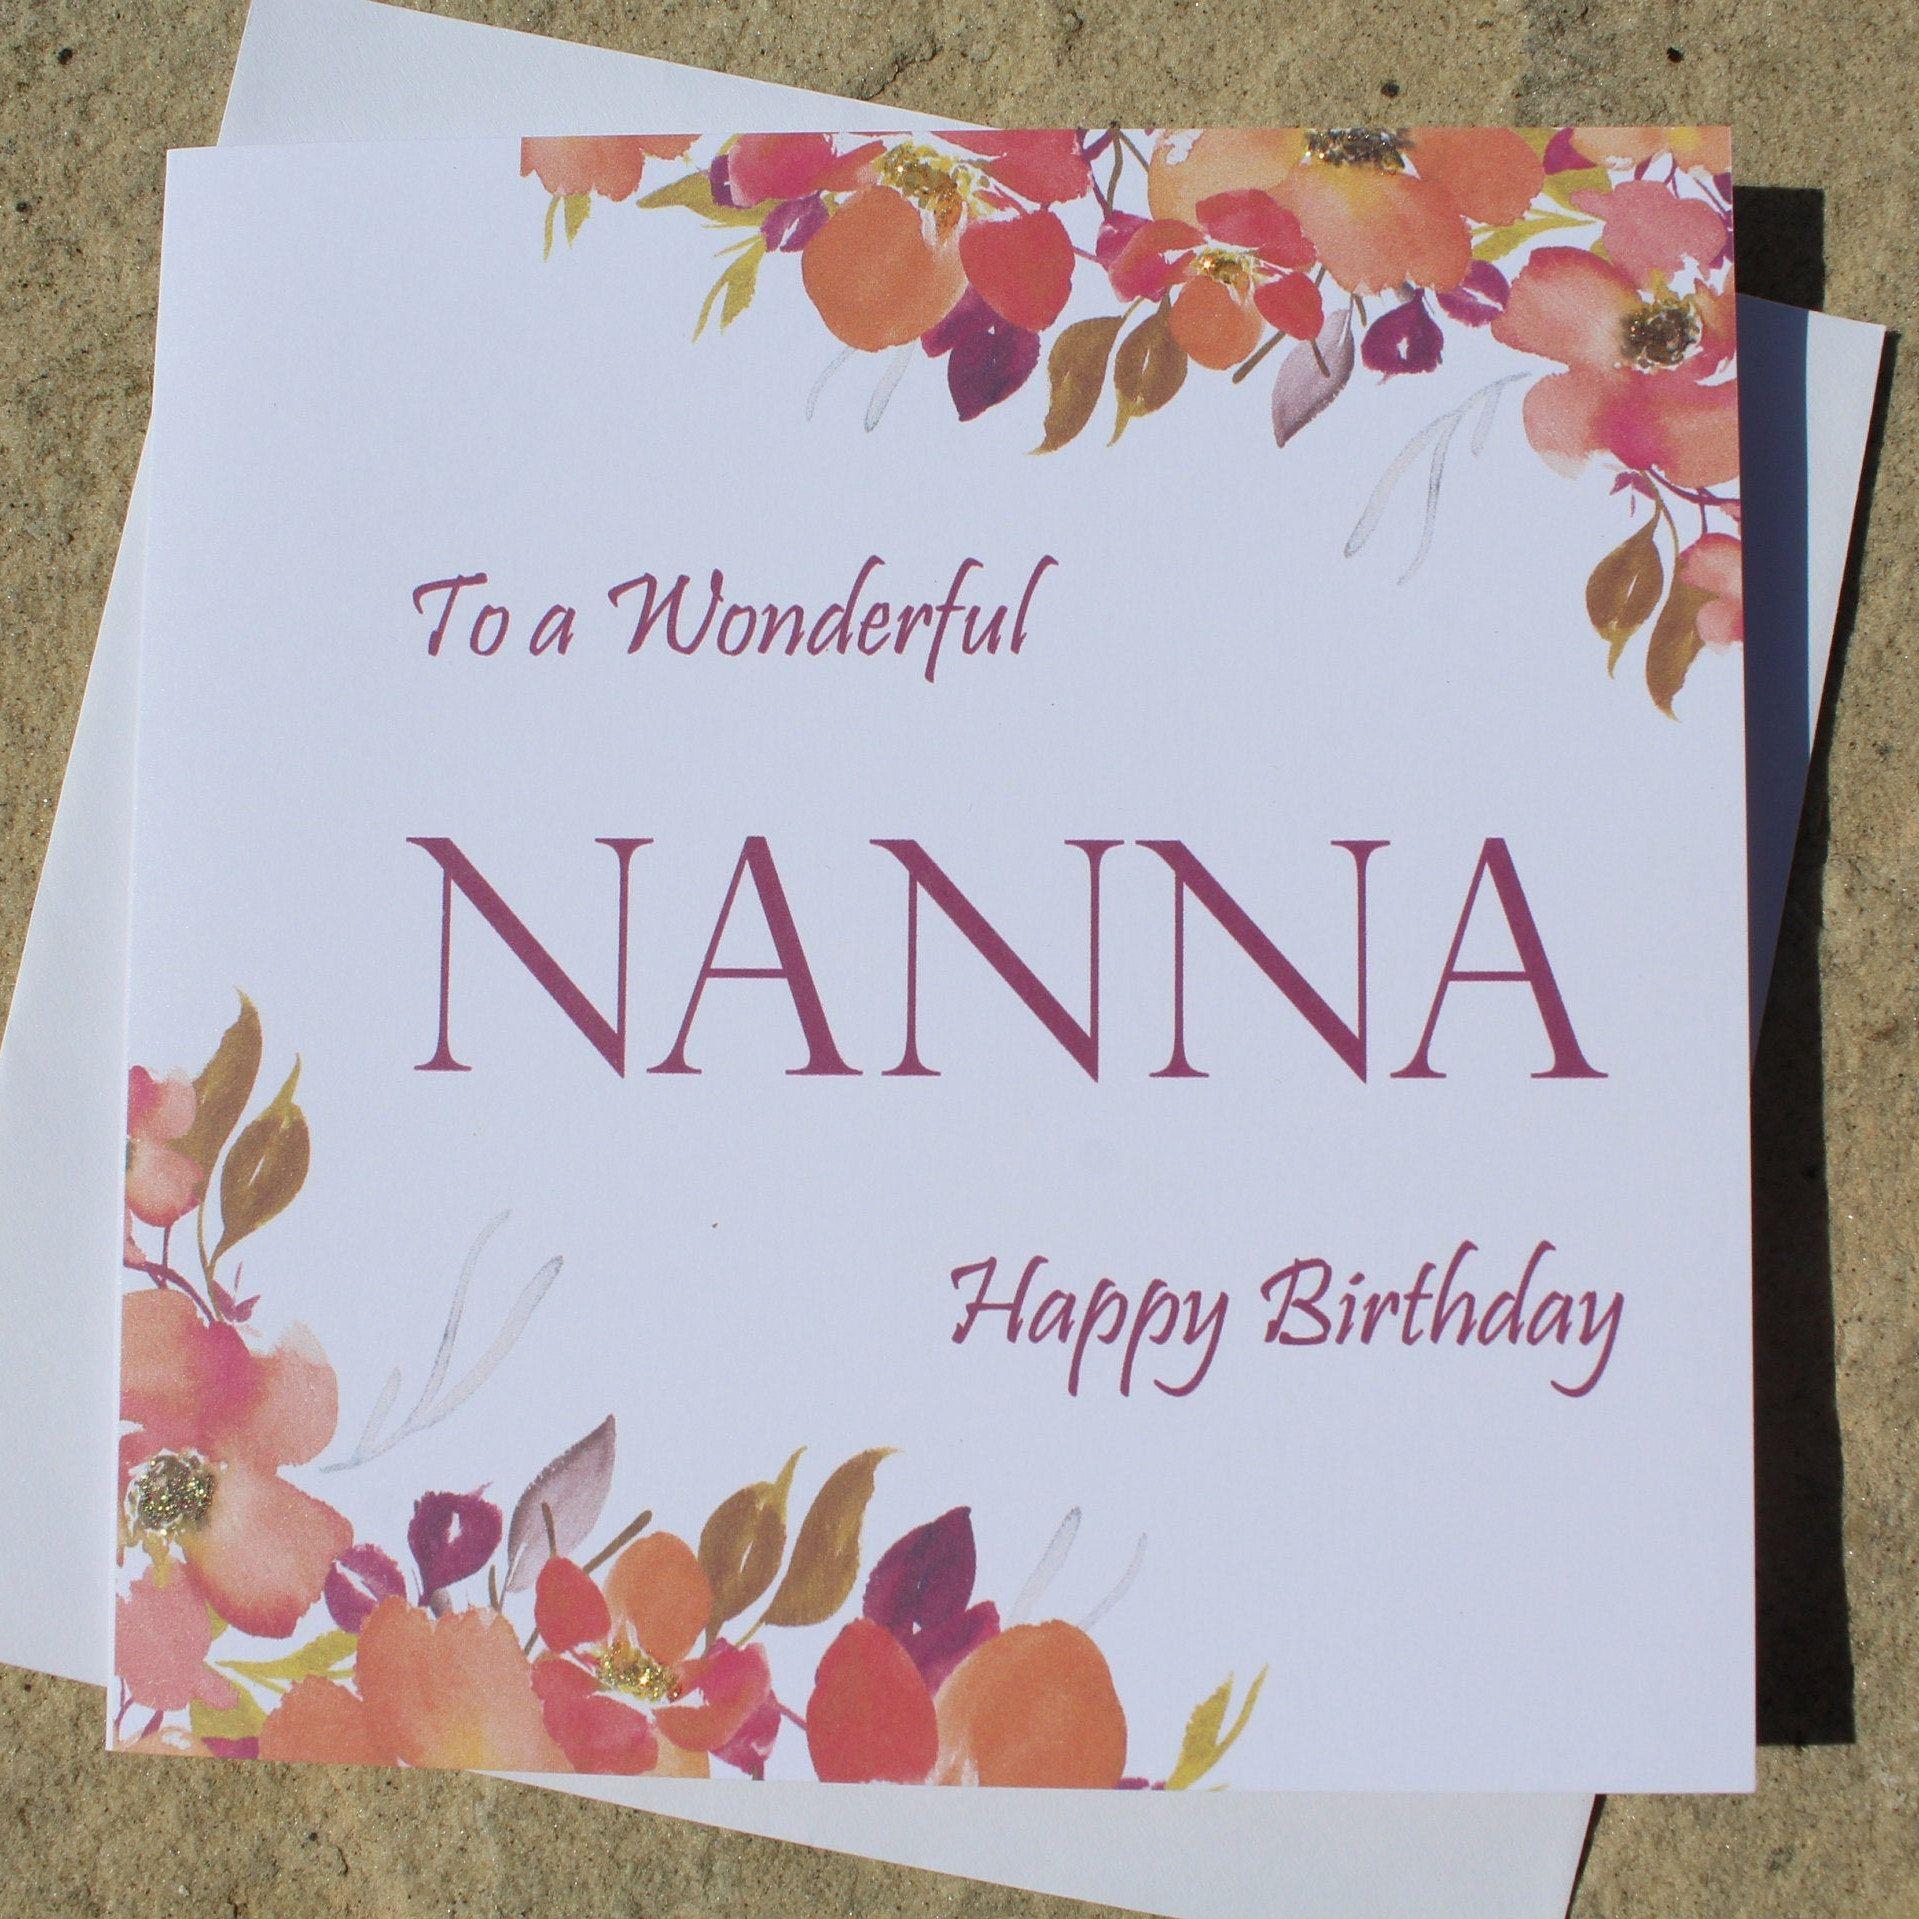 Personalised Happy Birthday Card Nanna Mum Sister Niece Wife Etsy Happy Birthday Cards Birthday Cards Personalized Birthday Cards